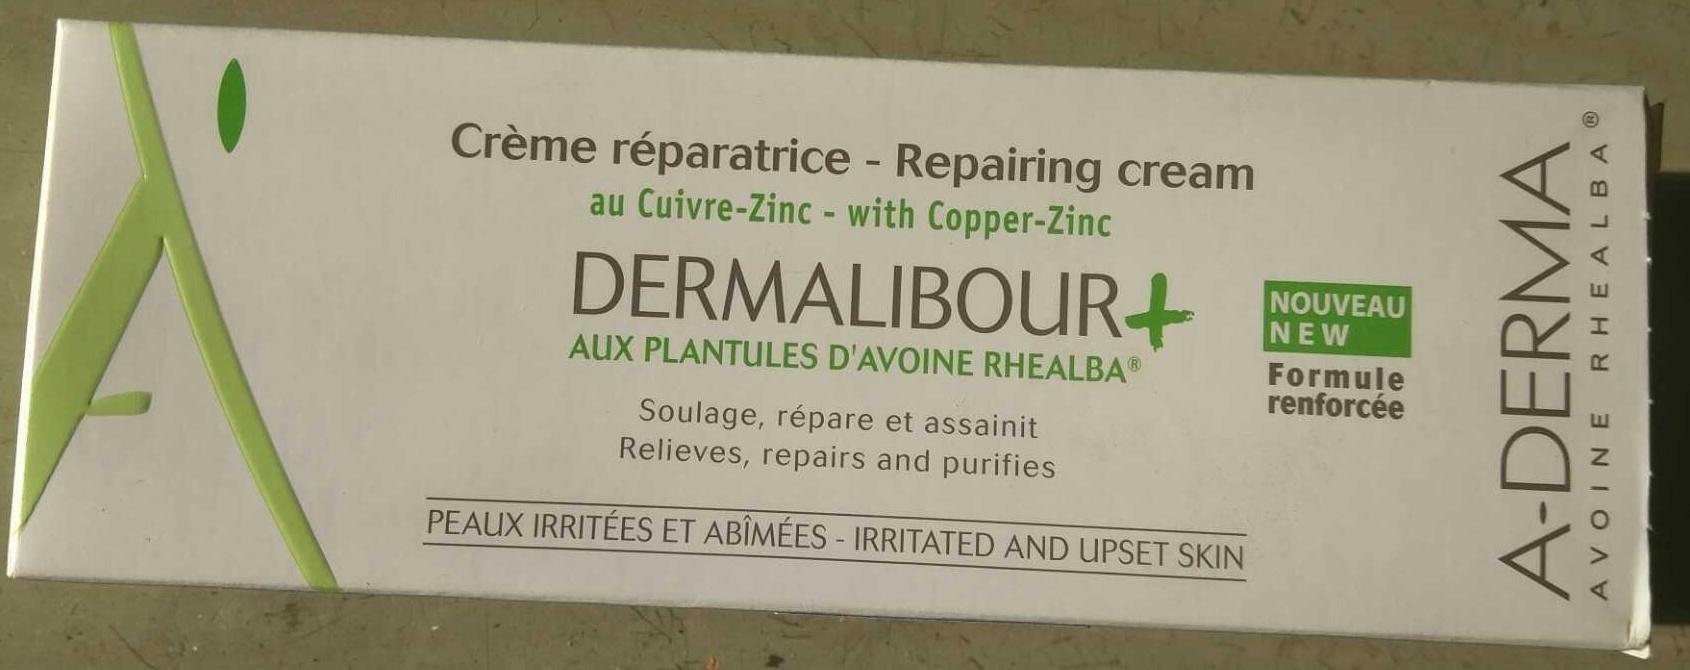 Crème réparatrice Dermalibour+ - Product